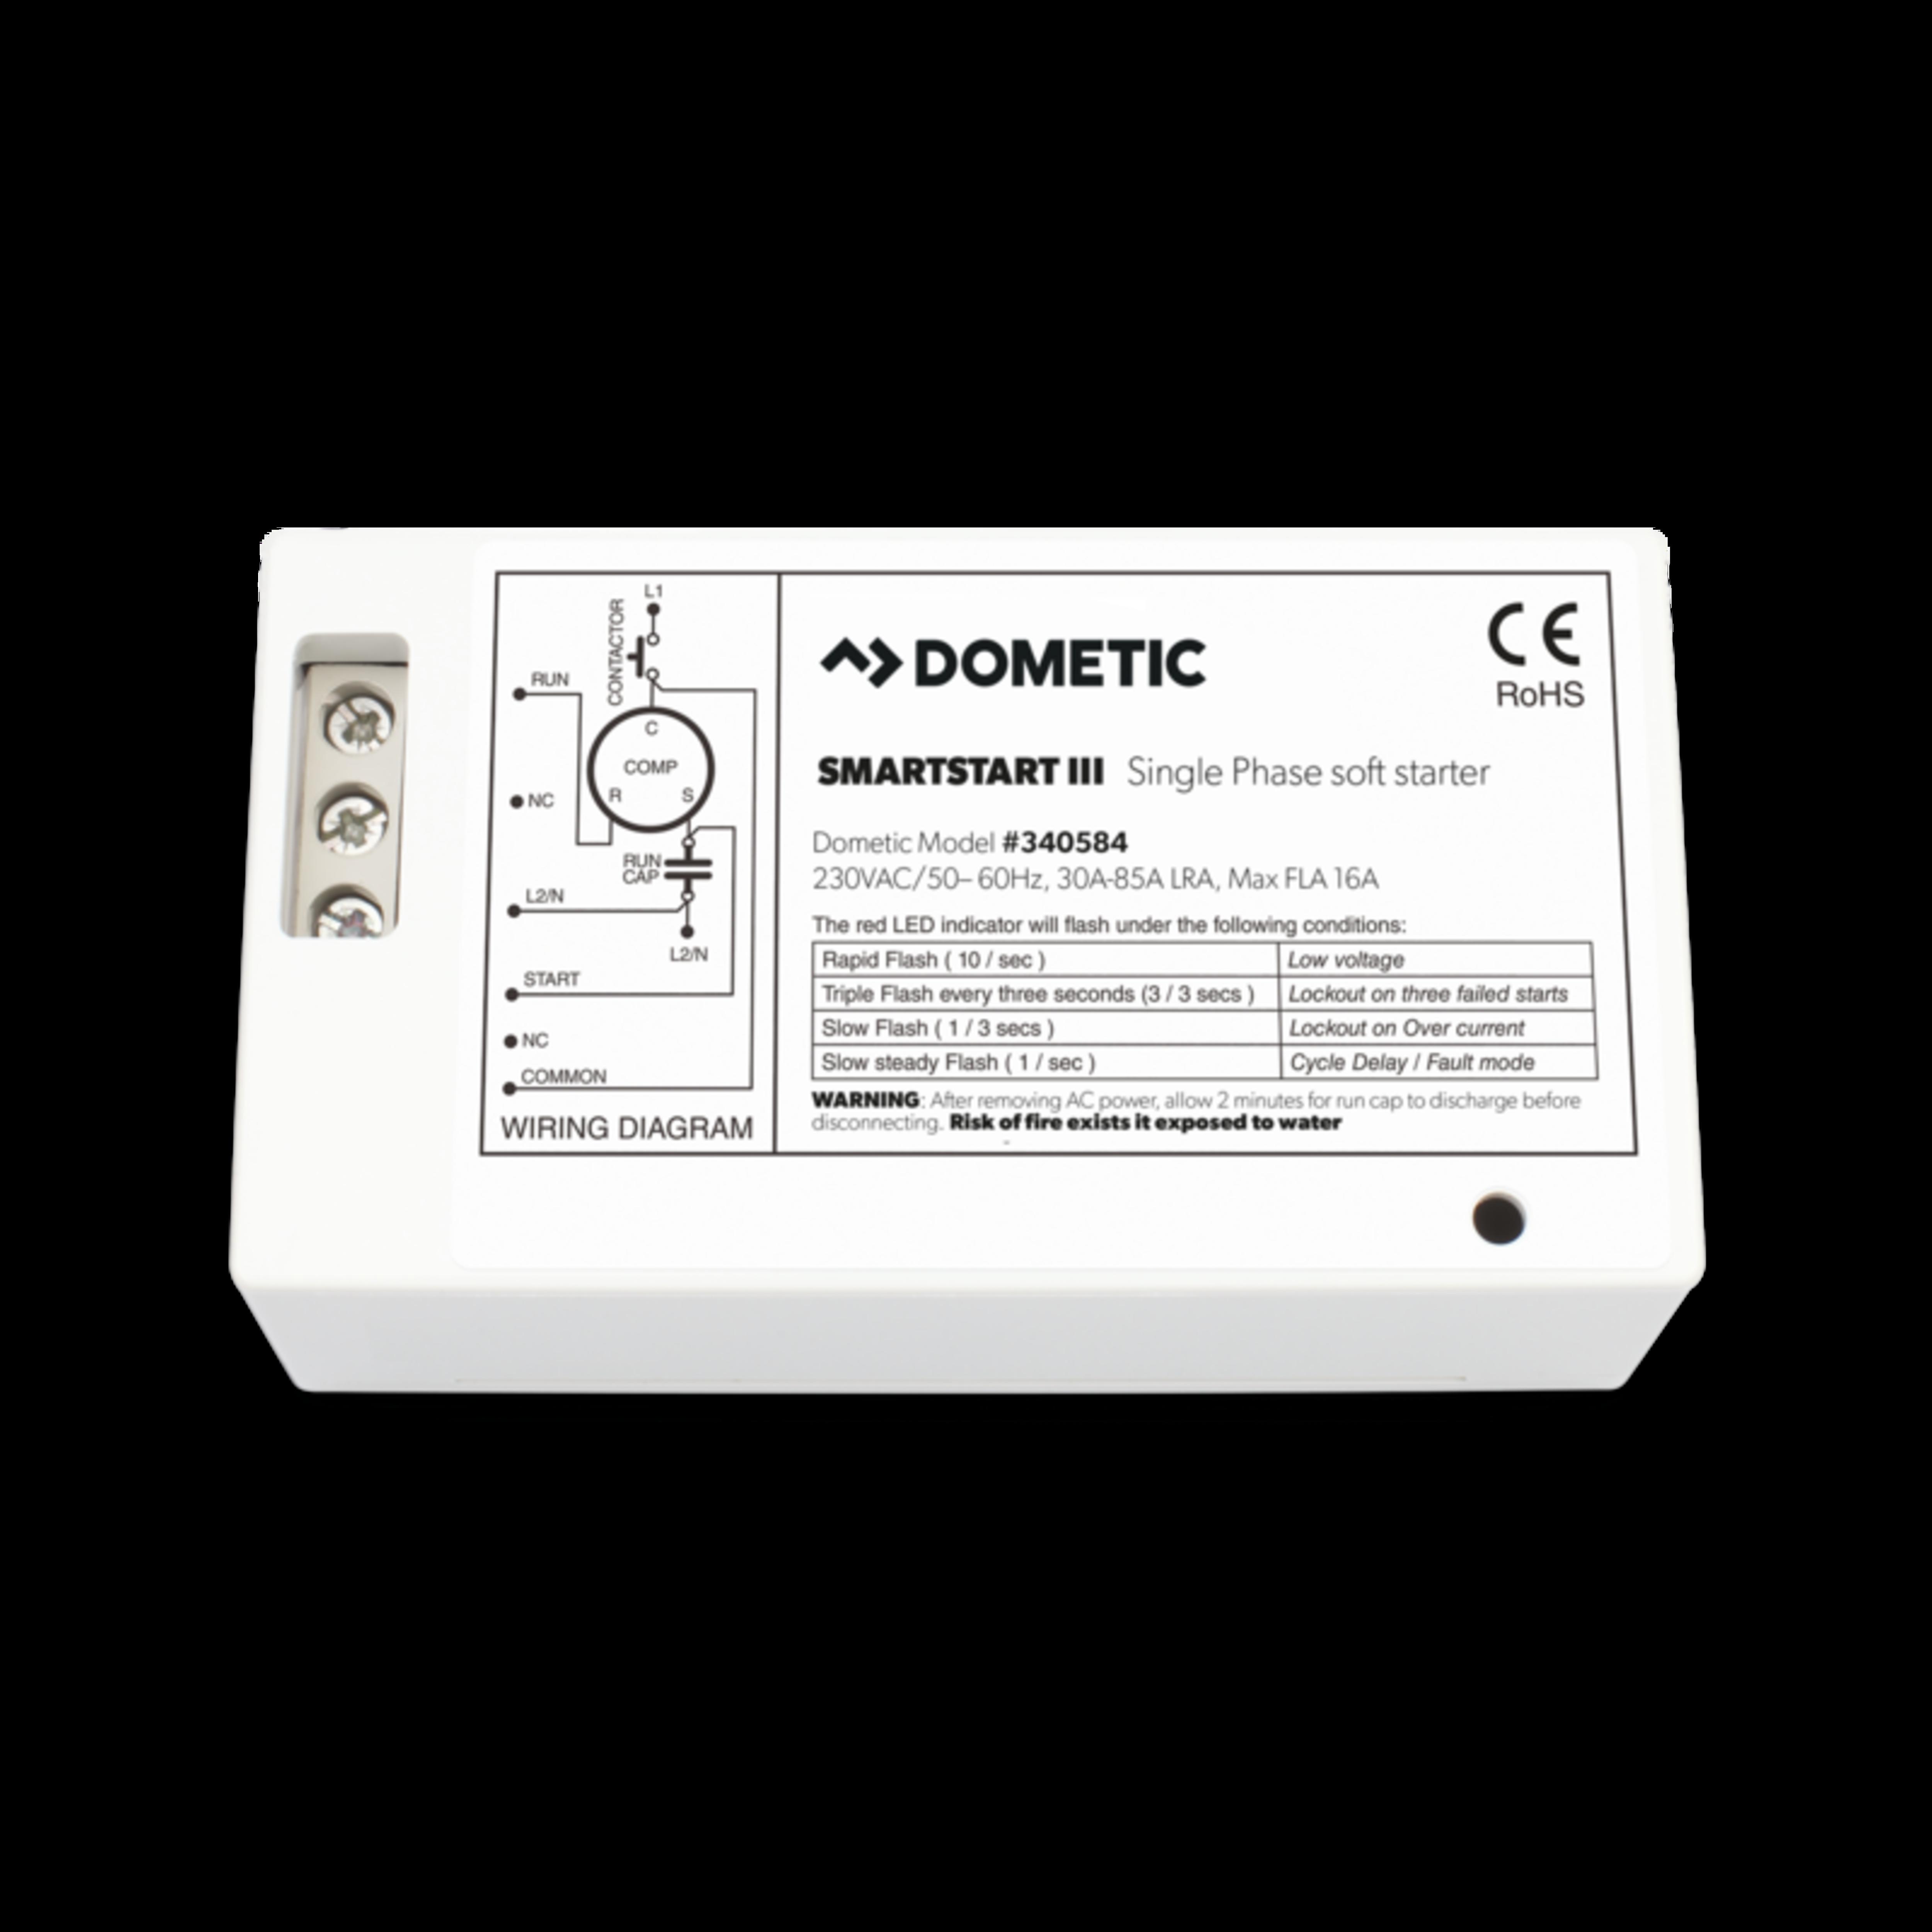 dometic smartstart iii soft starter for marine air conditioning, 16dometic smartstart iii